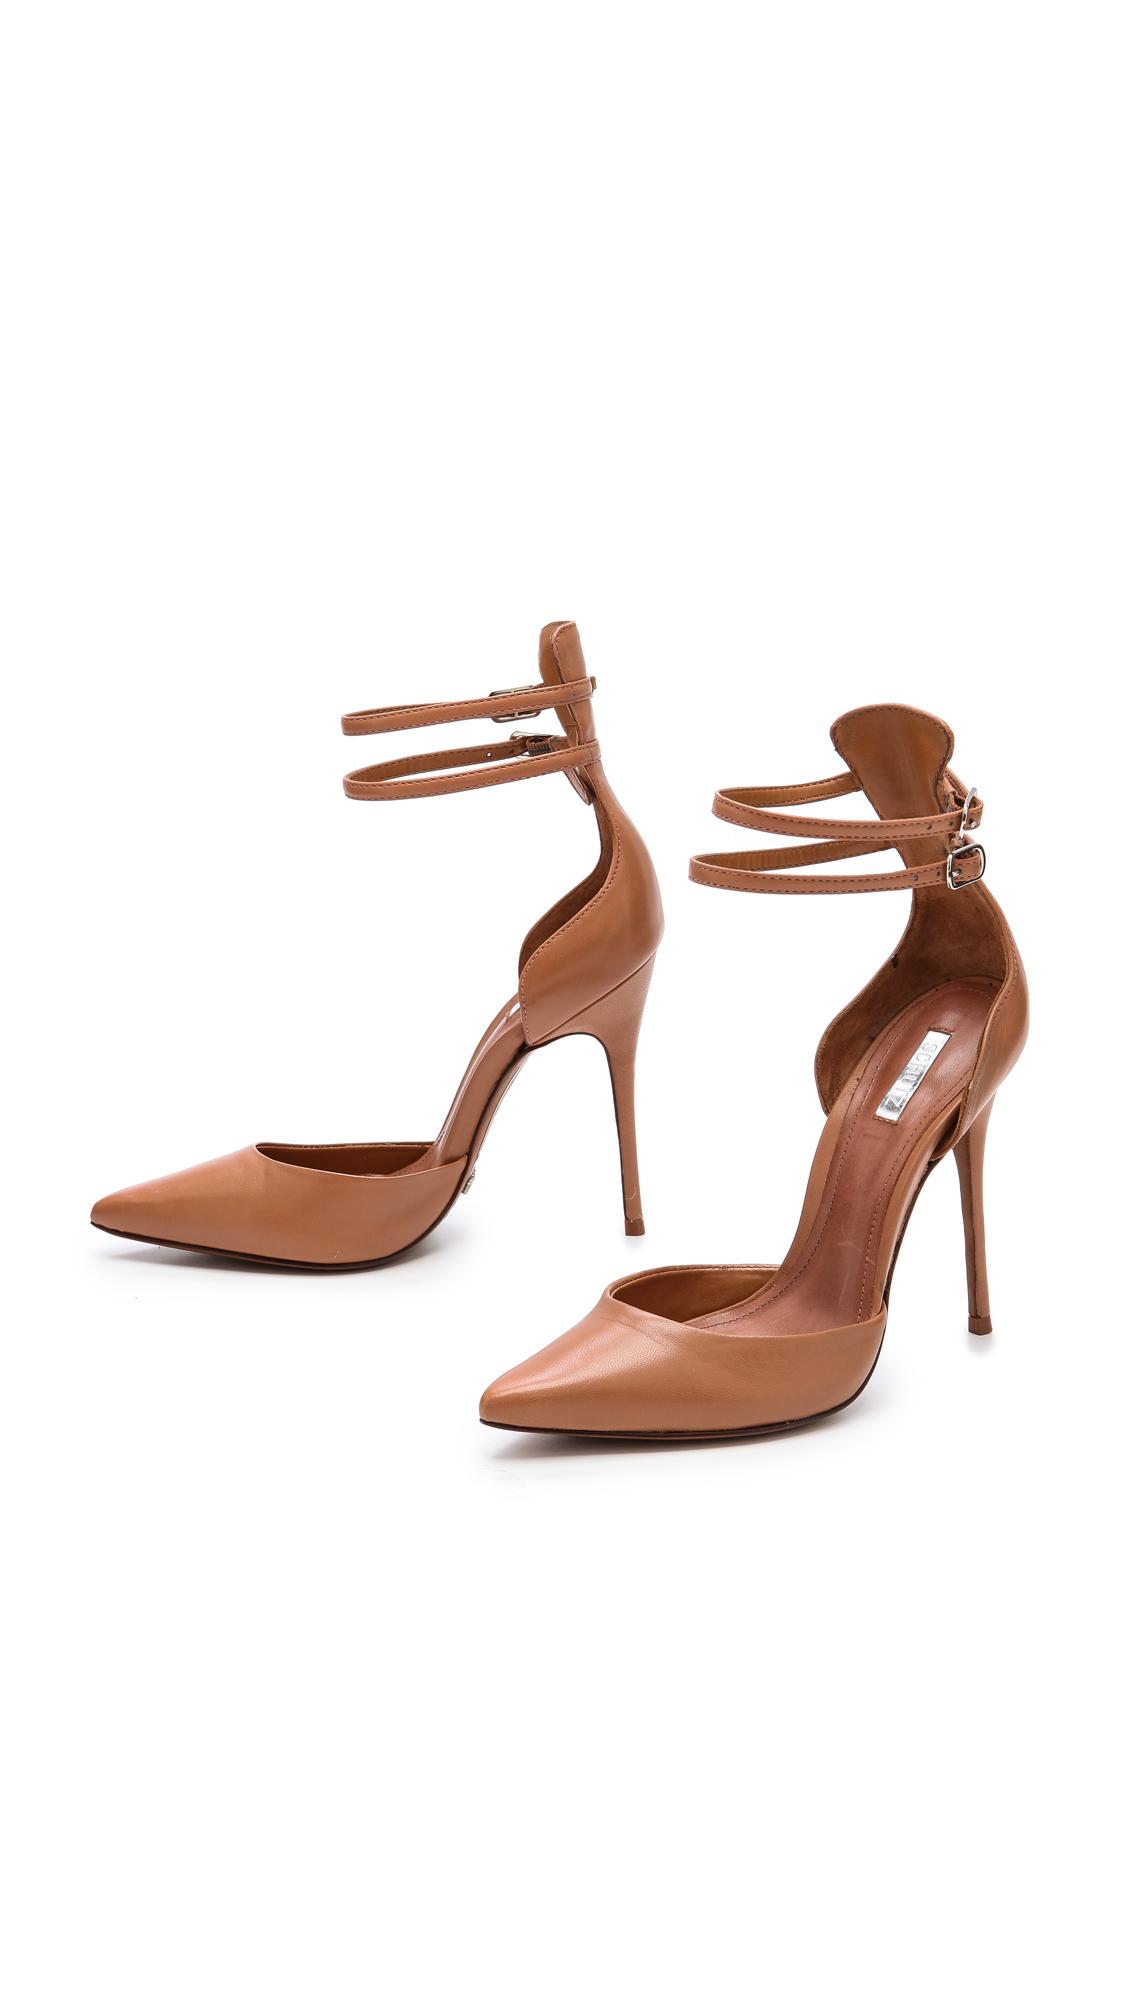 Schutz Shoes Sizing